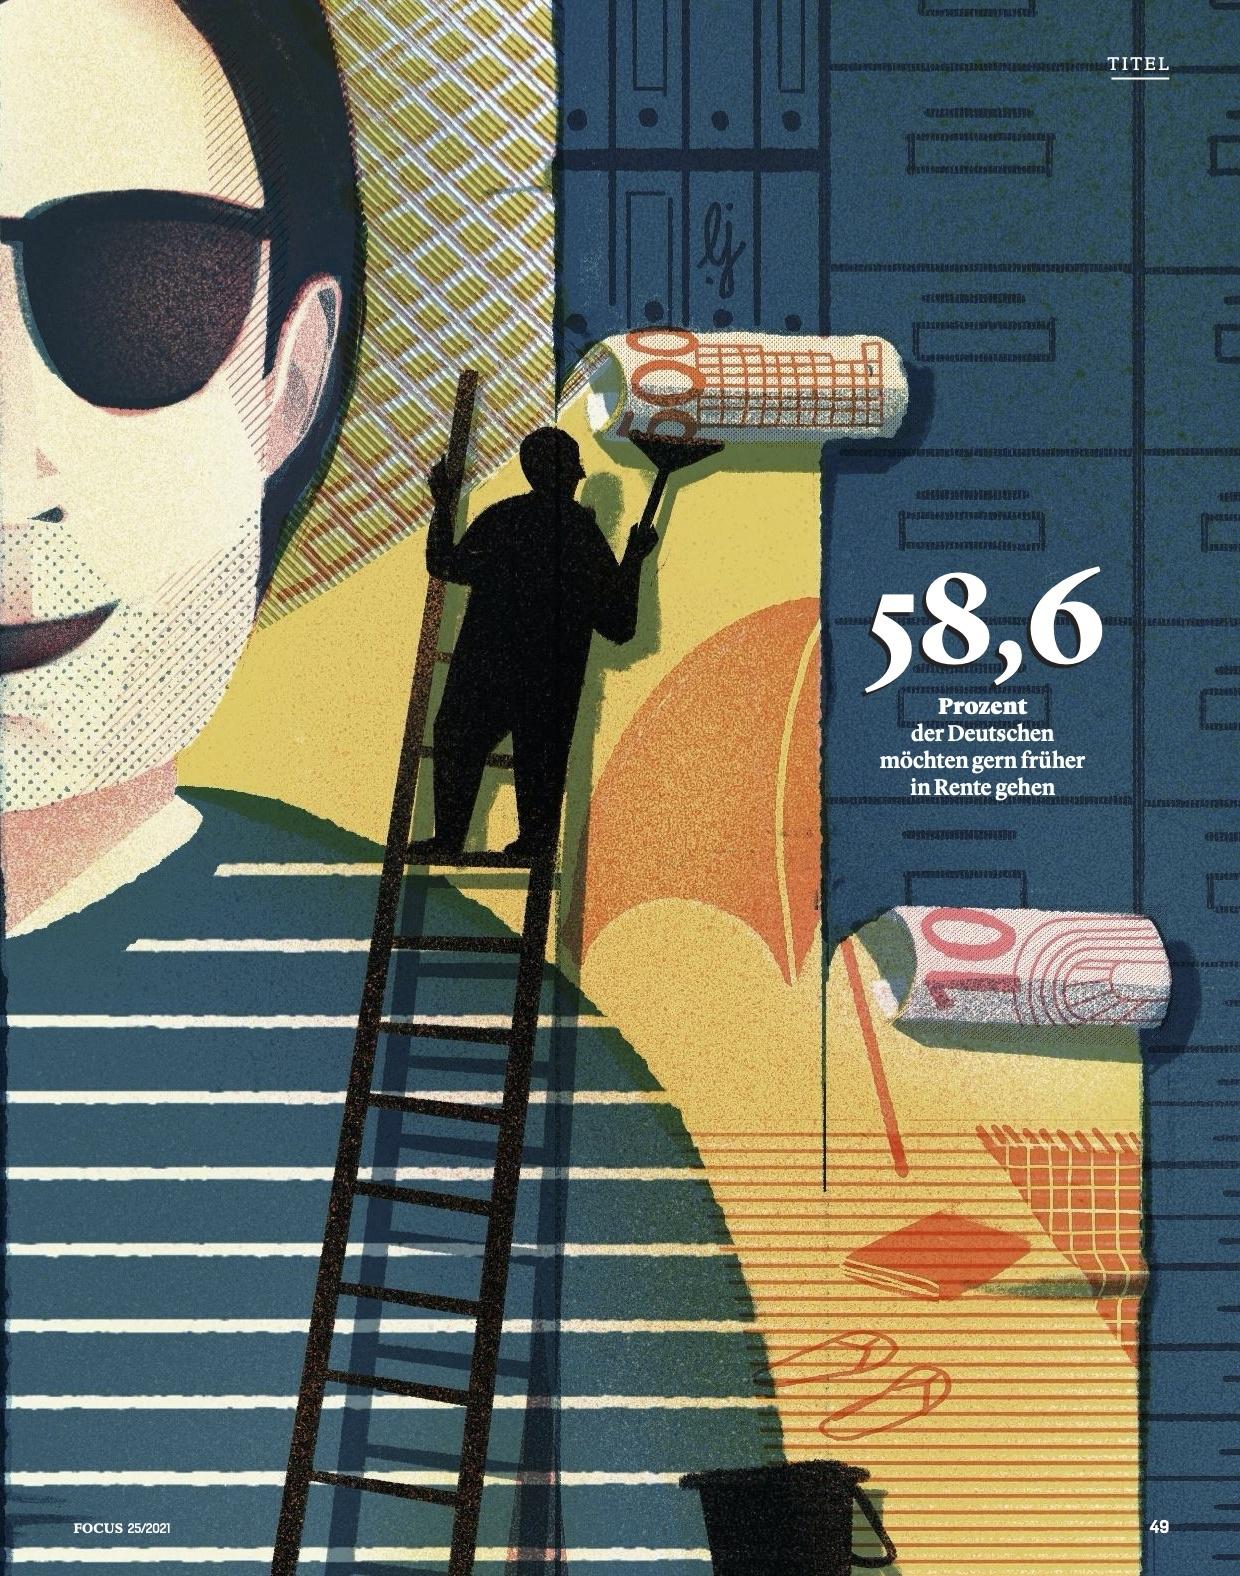 FOCUS Magazin FOCUS Magazin - Das Renten-Desaster